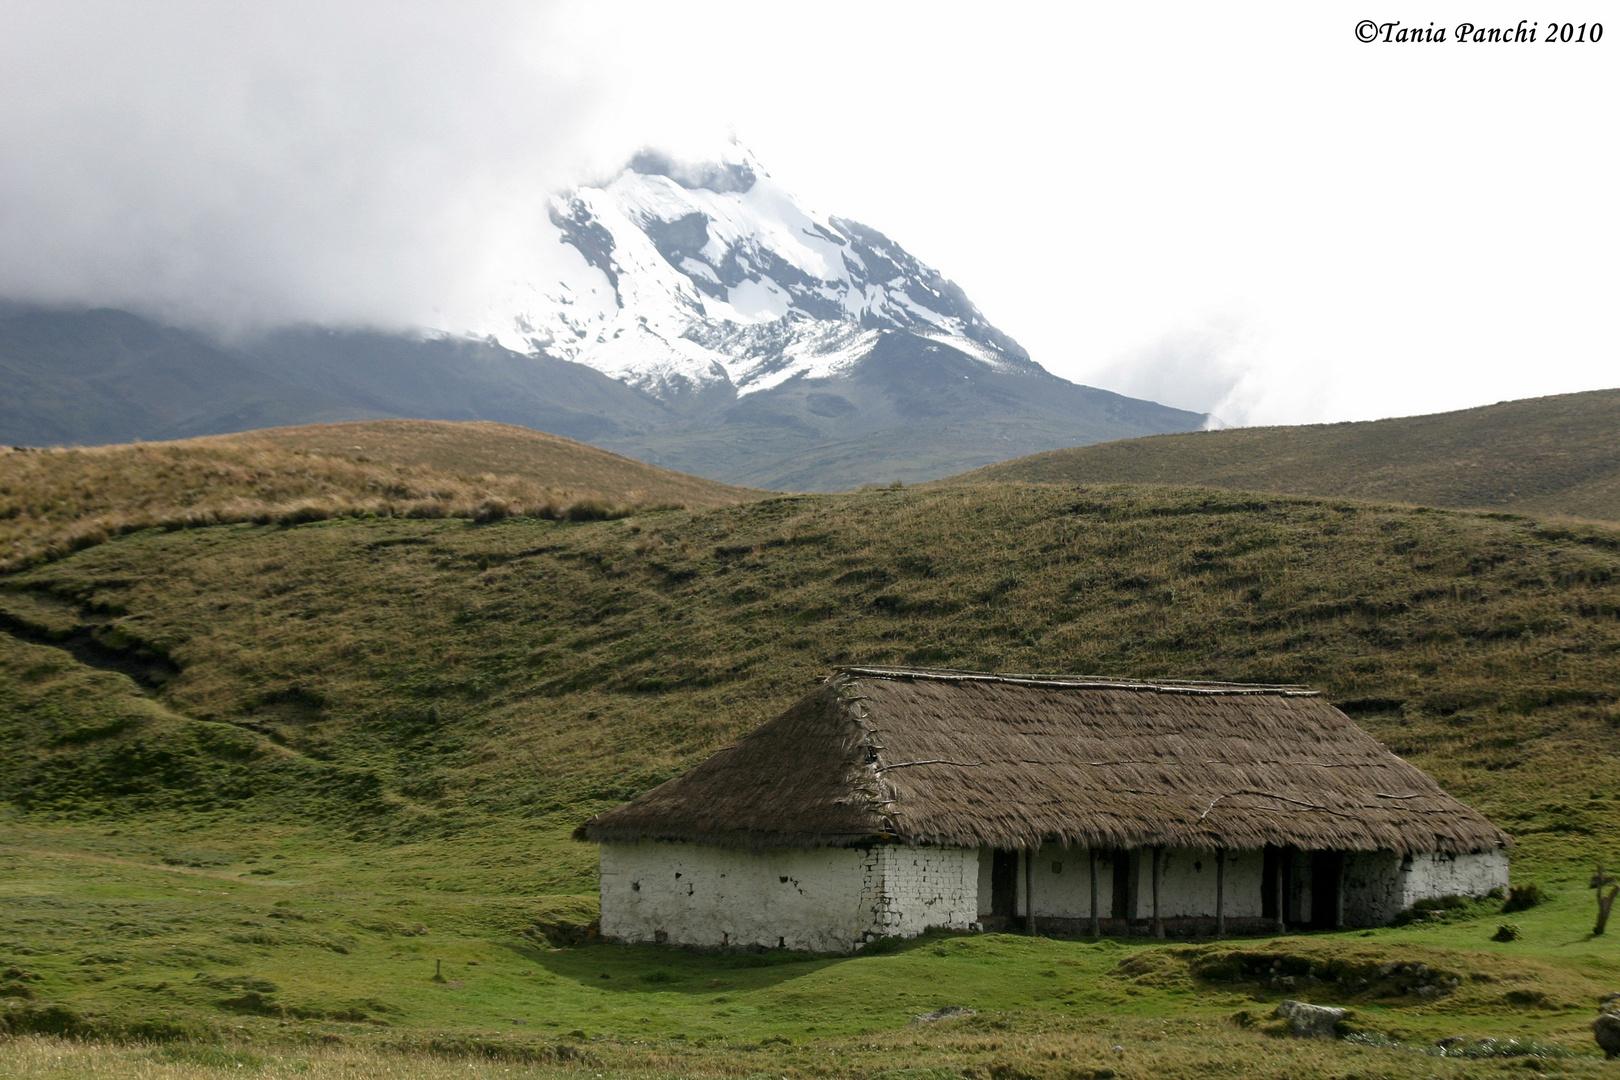 Casa de Humdoldt en la Reserva Ecológica Antisana